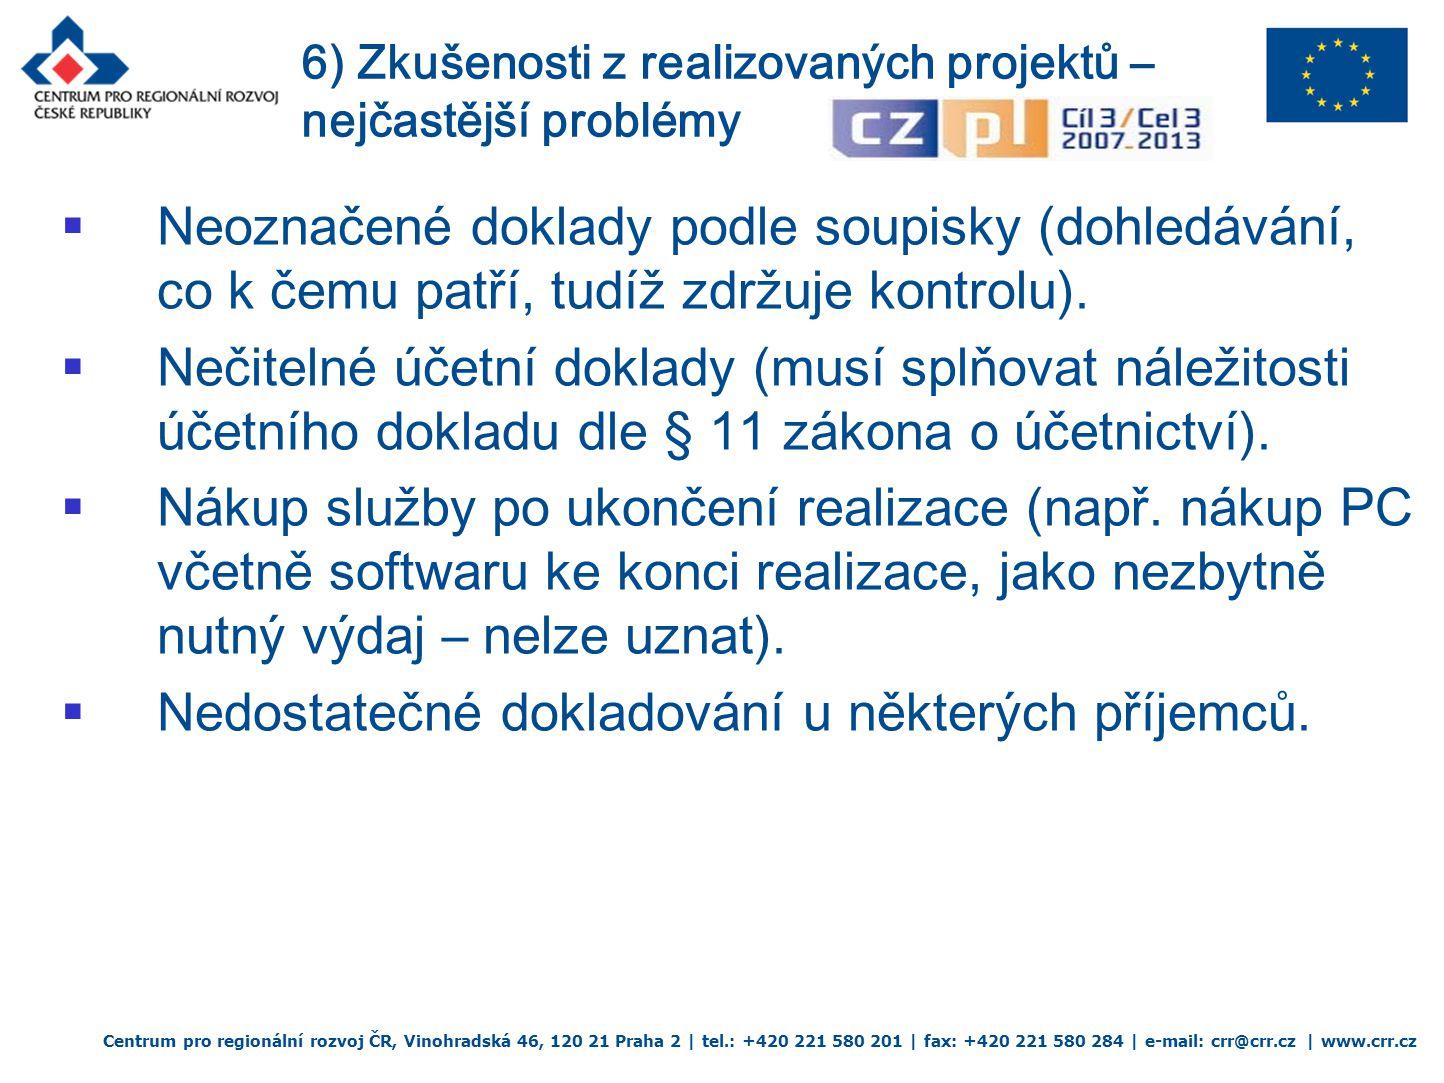 Centrum pro regionální rozvoj ČR, Vinohradská 46, 120 21 Praha 2 | tel.: +420 221 580 201 | fax: +420 221 580 284 | e-mail: crr@crr.cz | www.crr.cz  Neoznačené doklady podle soupisky (dohledávání, co k čemu patří, tudíž zdržuje kontrolu).